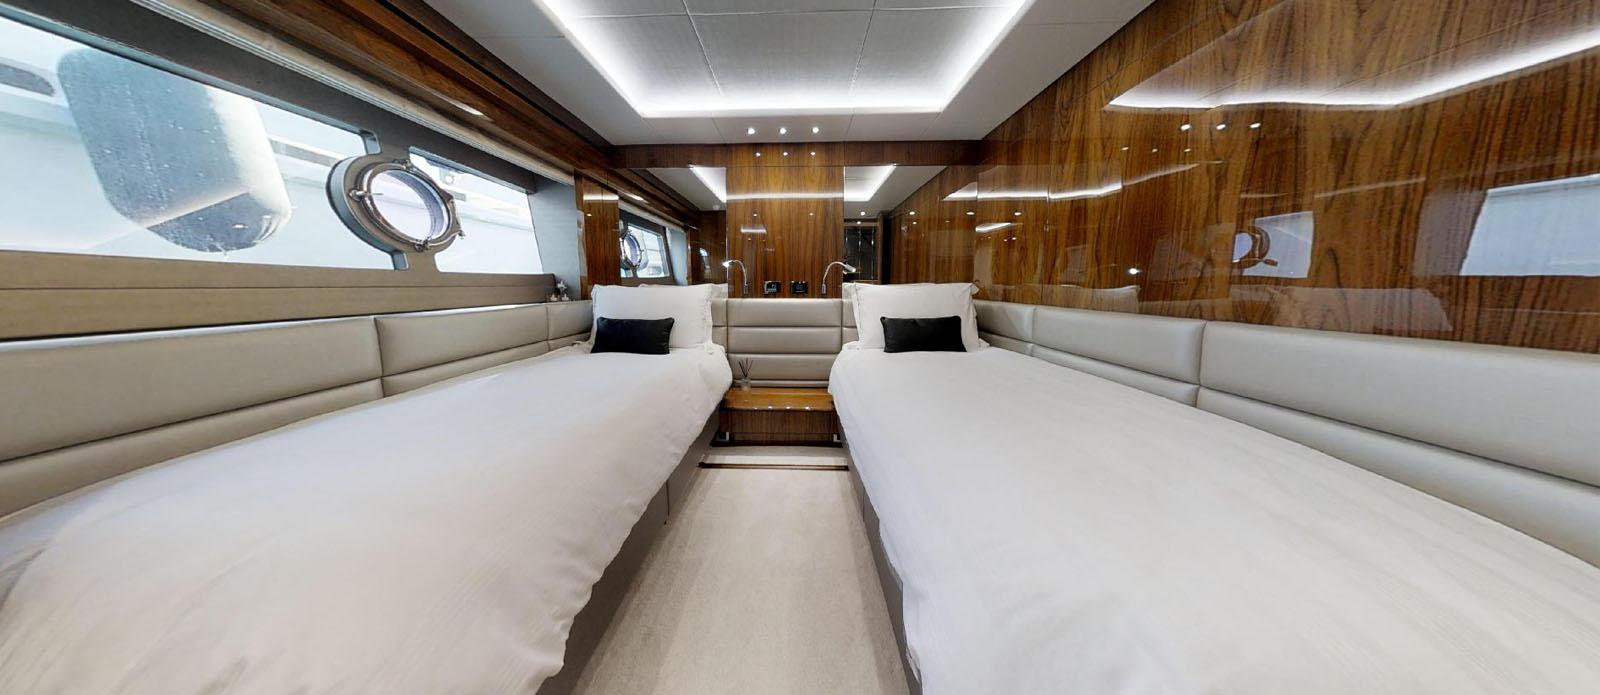 Sunseeker-86-Yacht-MiBowt-Twin-Cabin